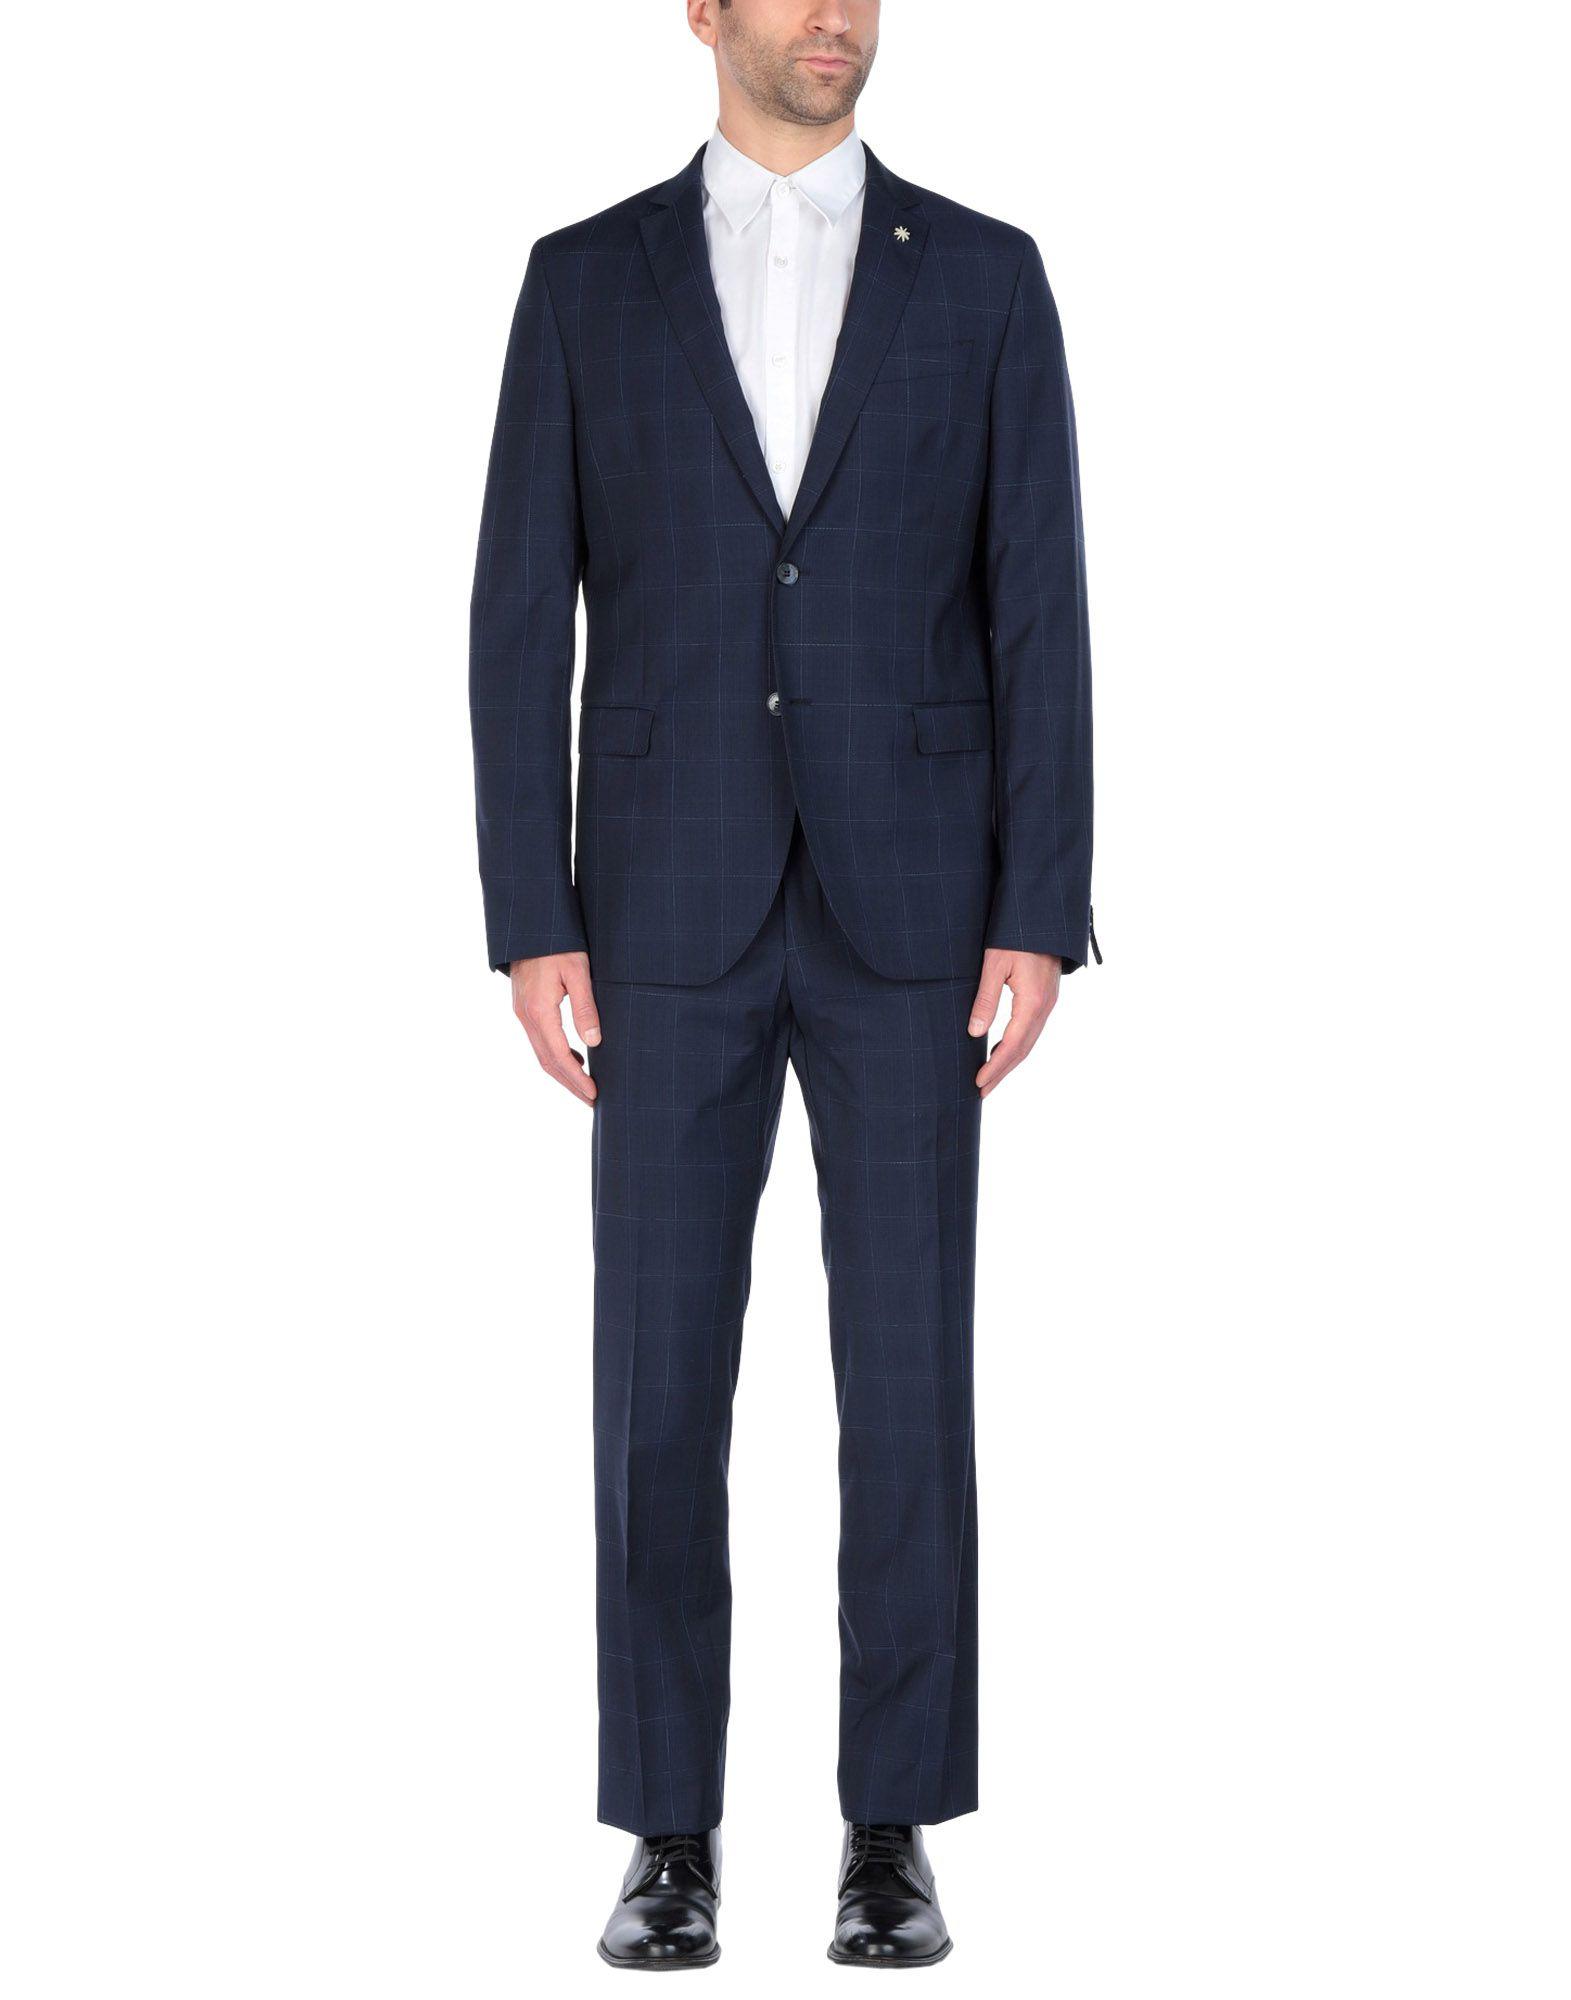 《送料無料》MANUEL RITZ メンズ スーツ ダークブルー 52 バージンウール 100%